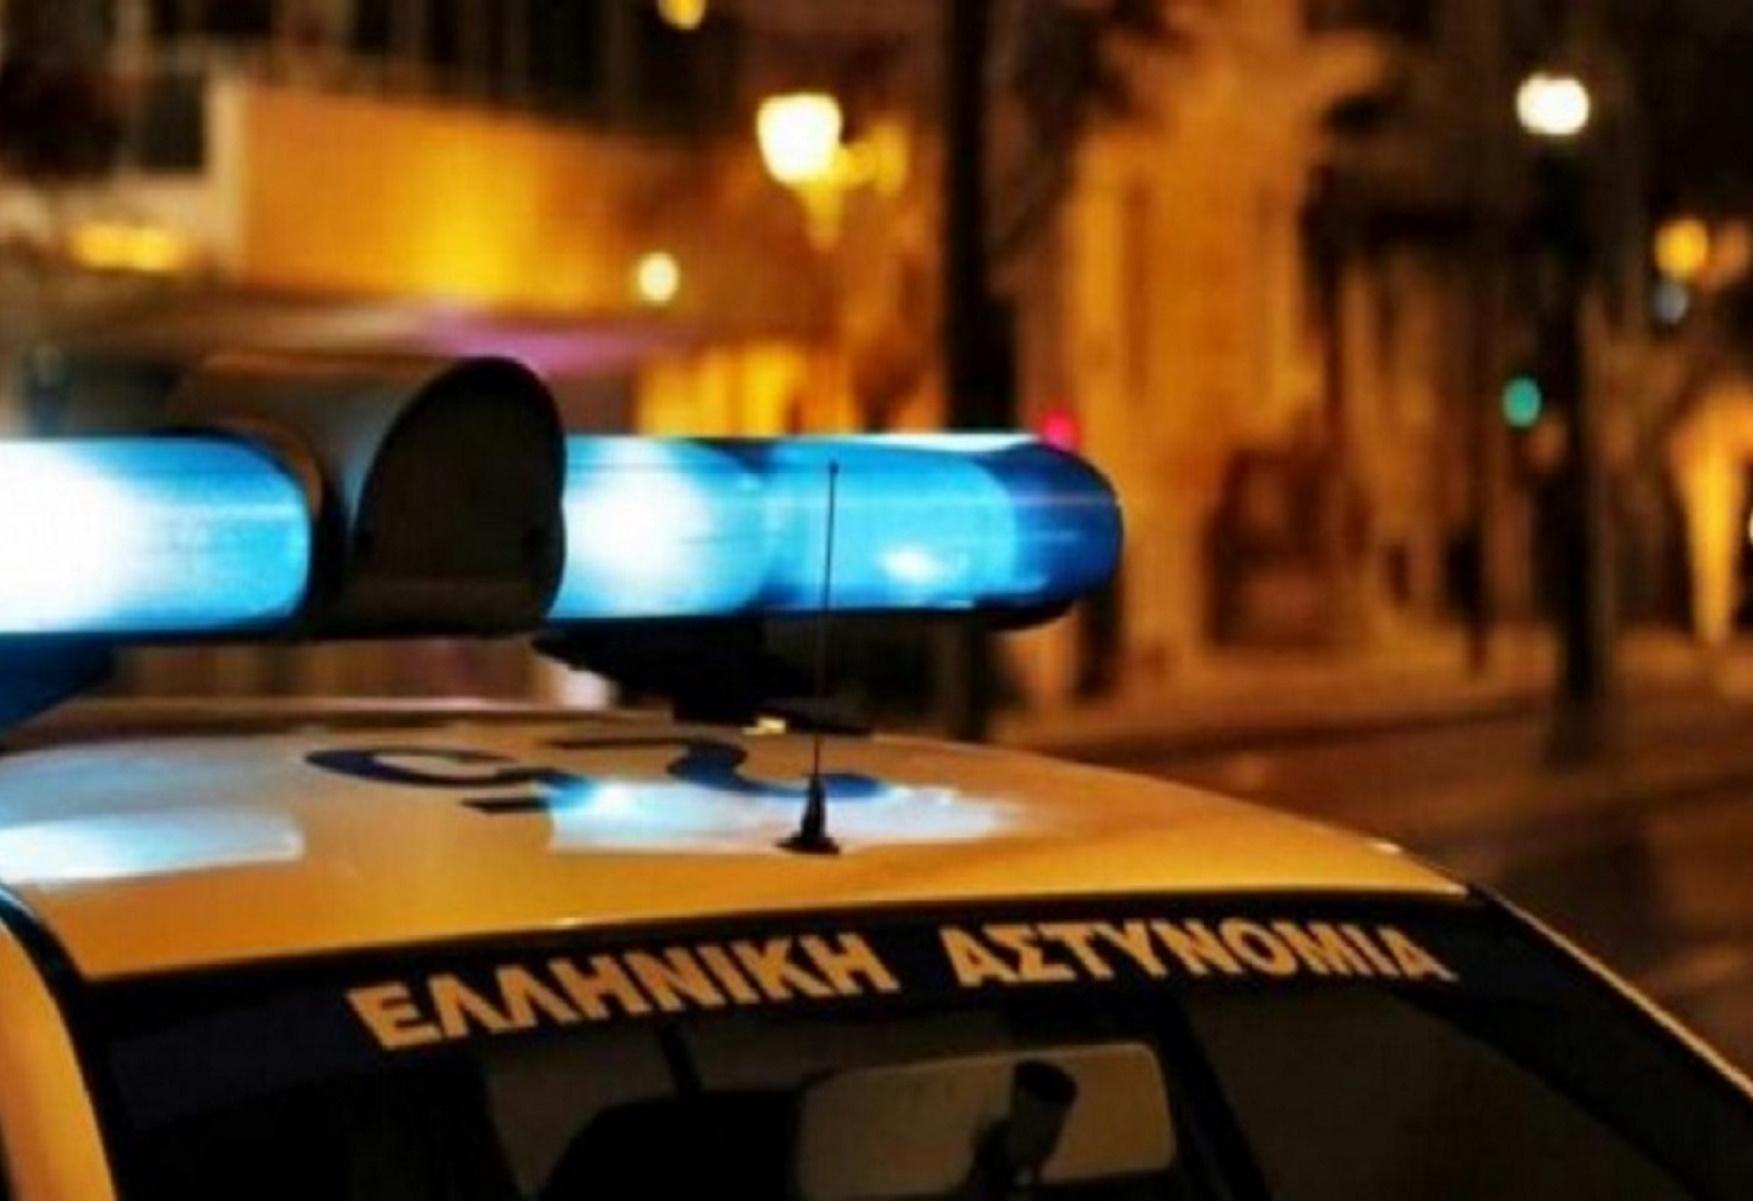 """Ηράκλειο: Σύλληψη μητέρας για ξεσπάσματα στον 13χρονο γιο της - """"Tο παιδί κλαίει κάθε μέρα"""""""